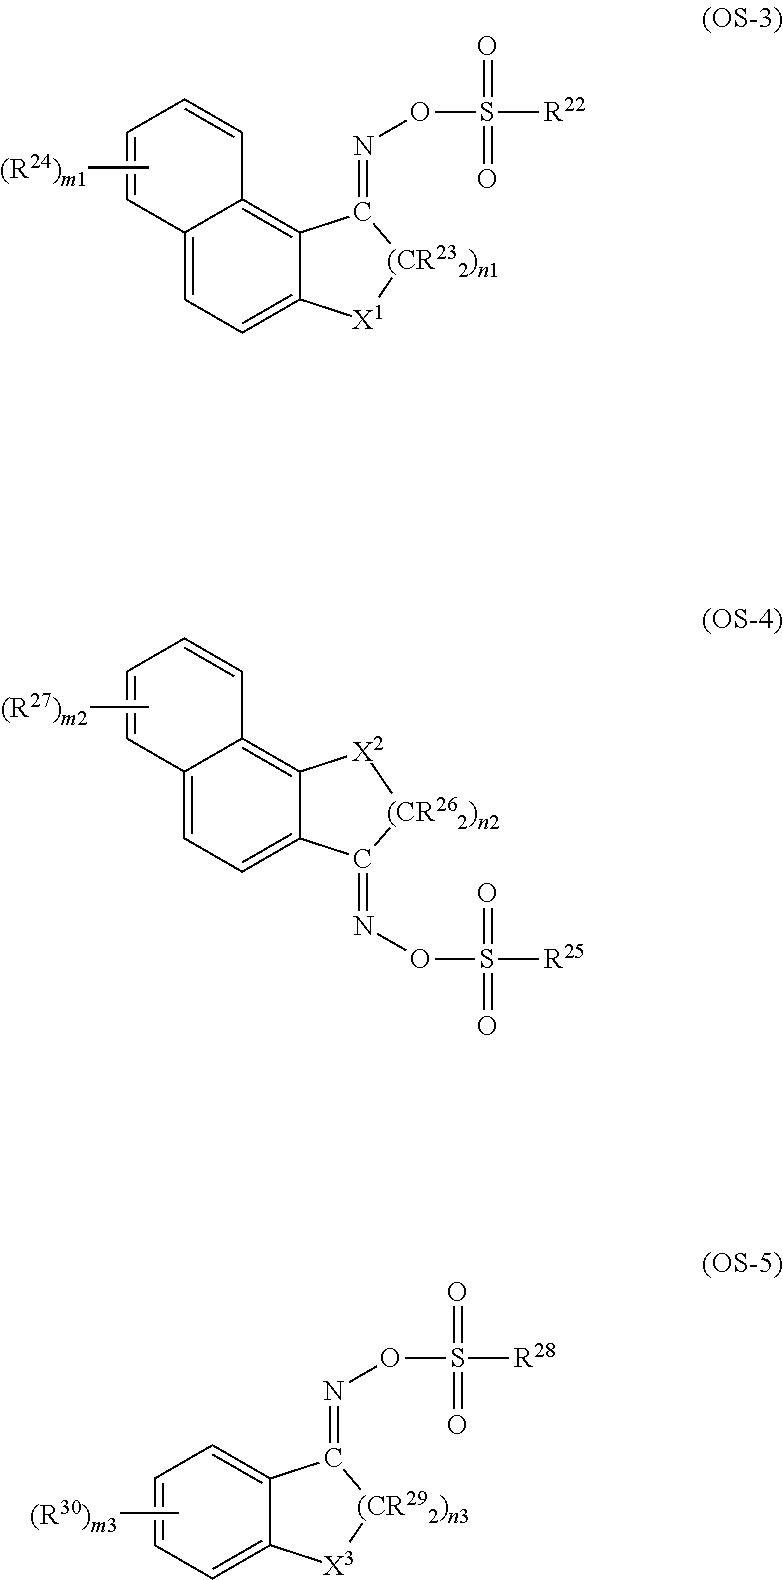 Figure US20150219993A1-20150806-C00018